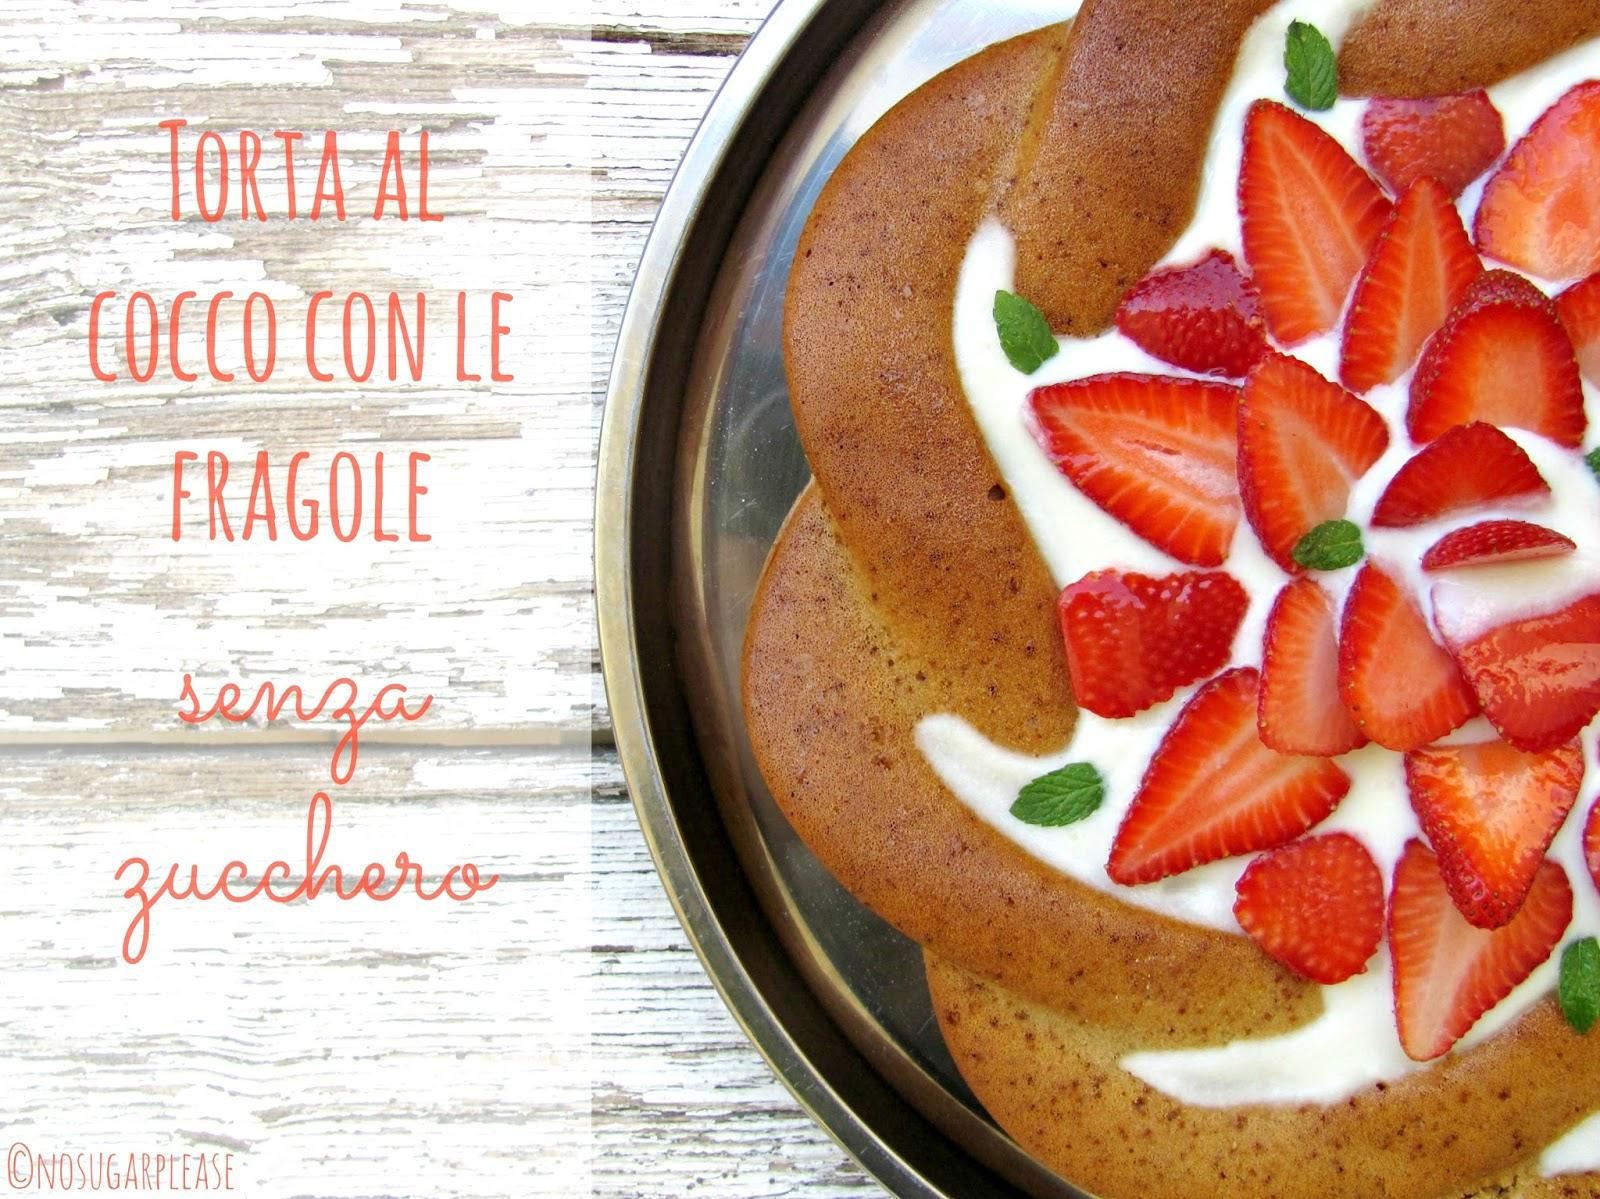 torta al cocco e fragole senza zucchero